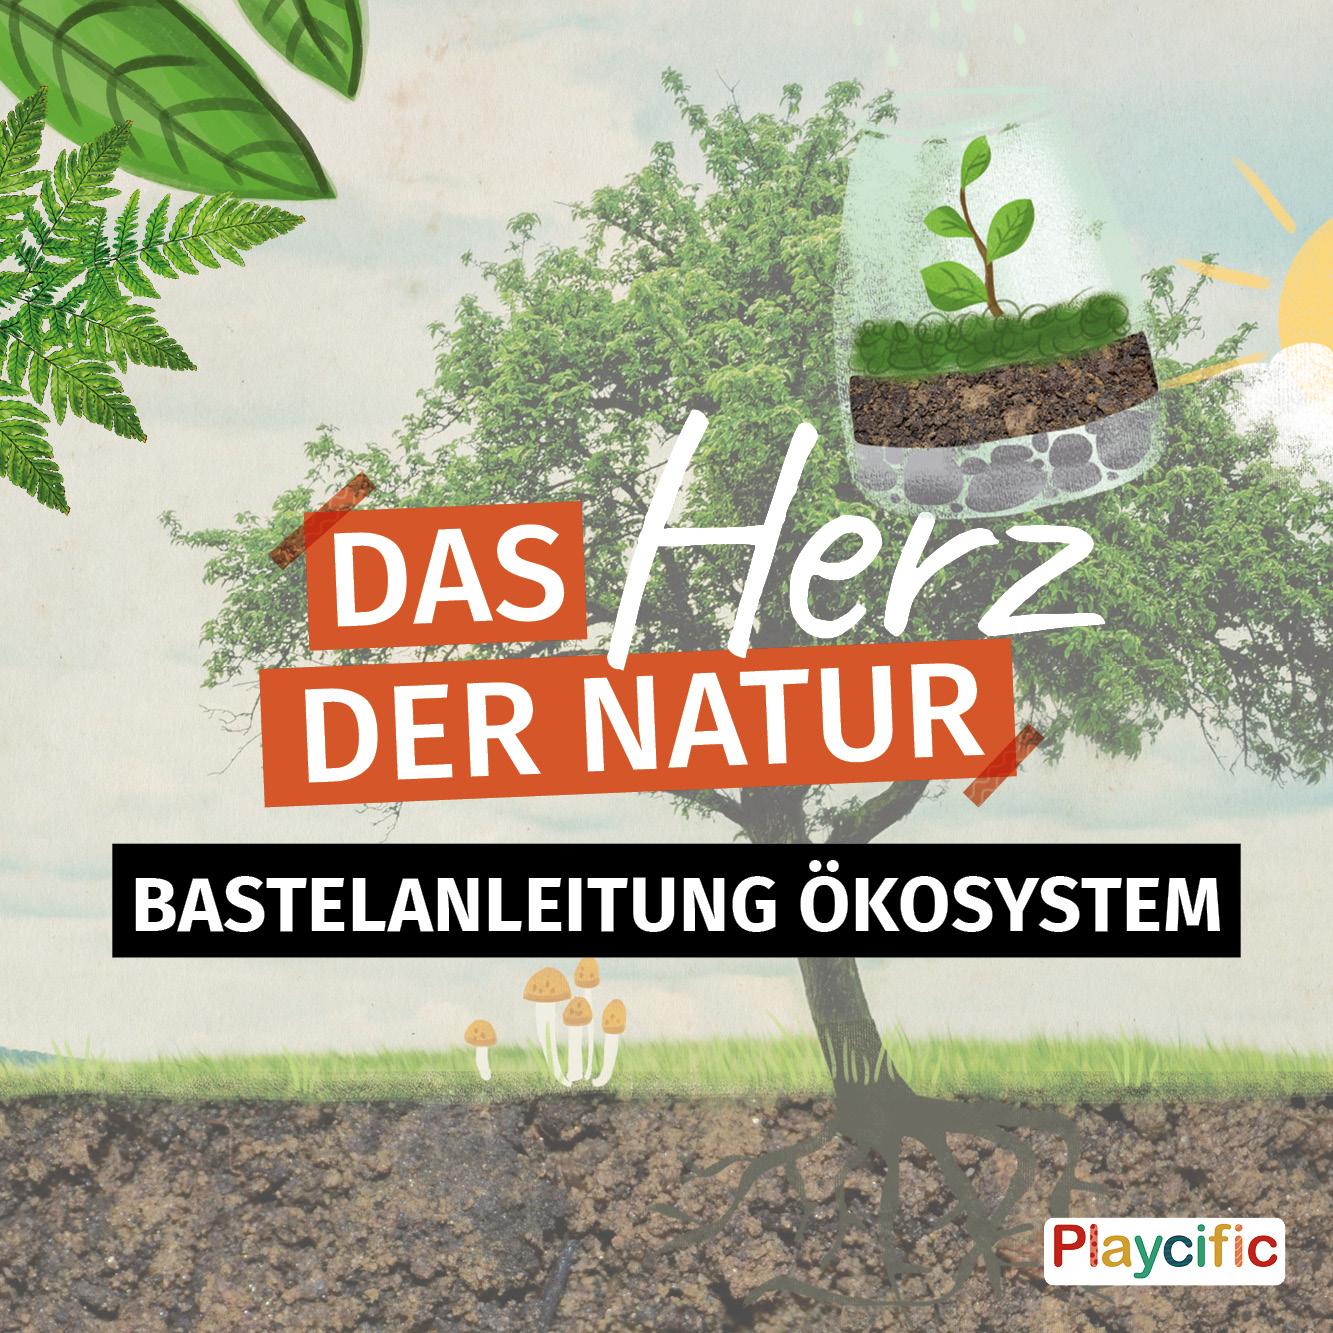 Bastelanleitung Ökosystem